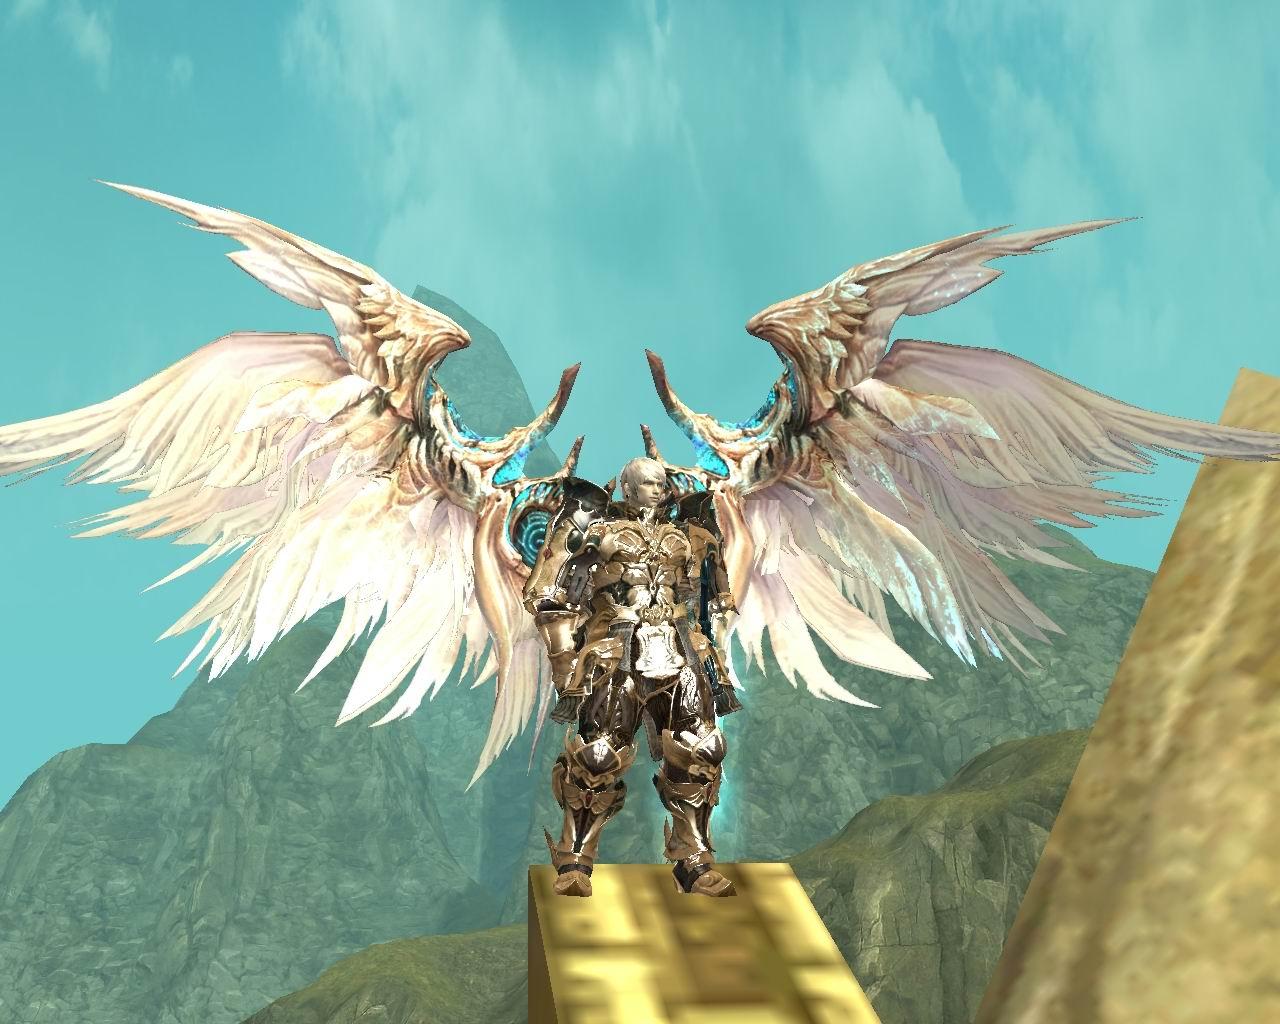 永恒之塔翅膀壁纸